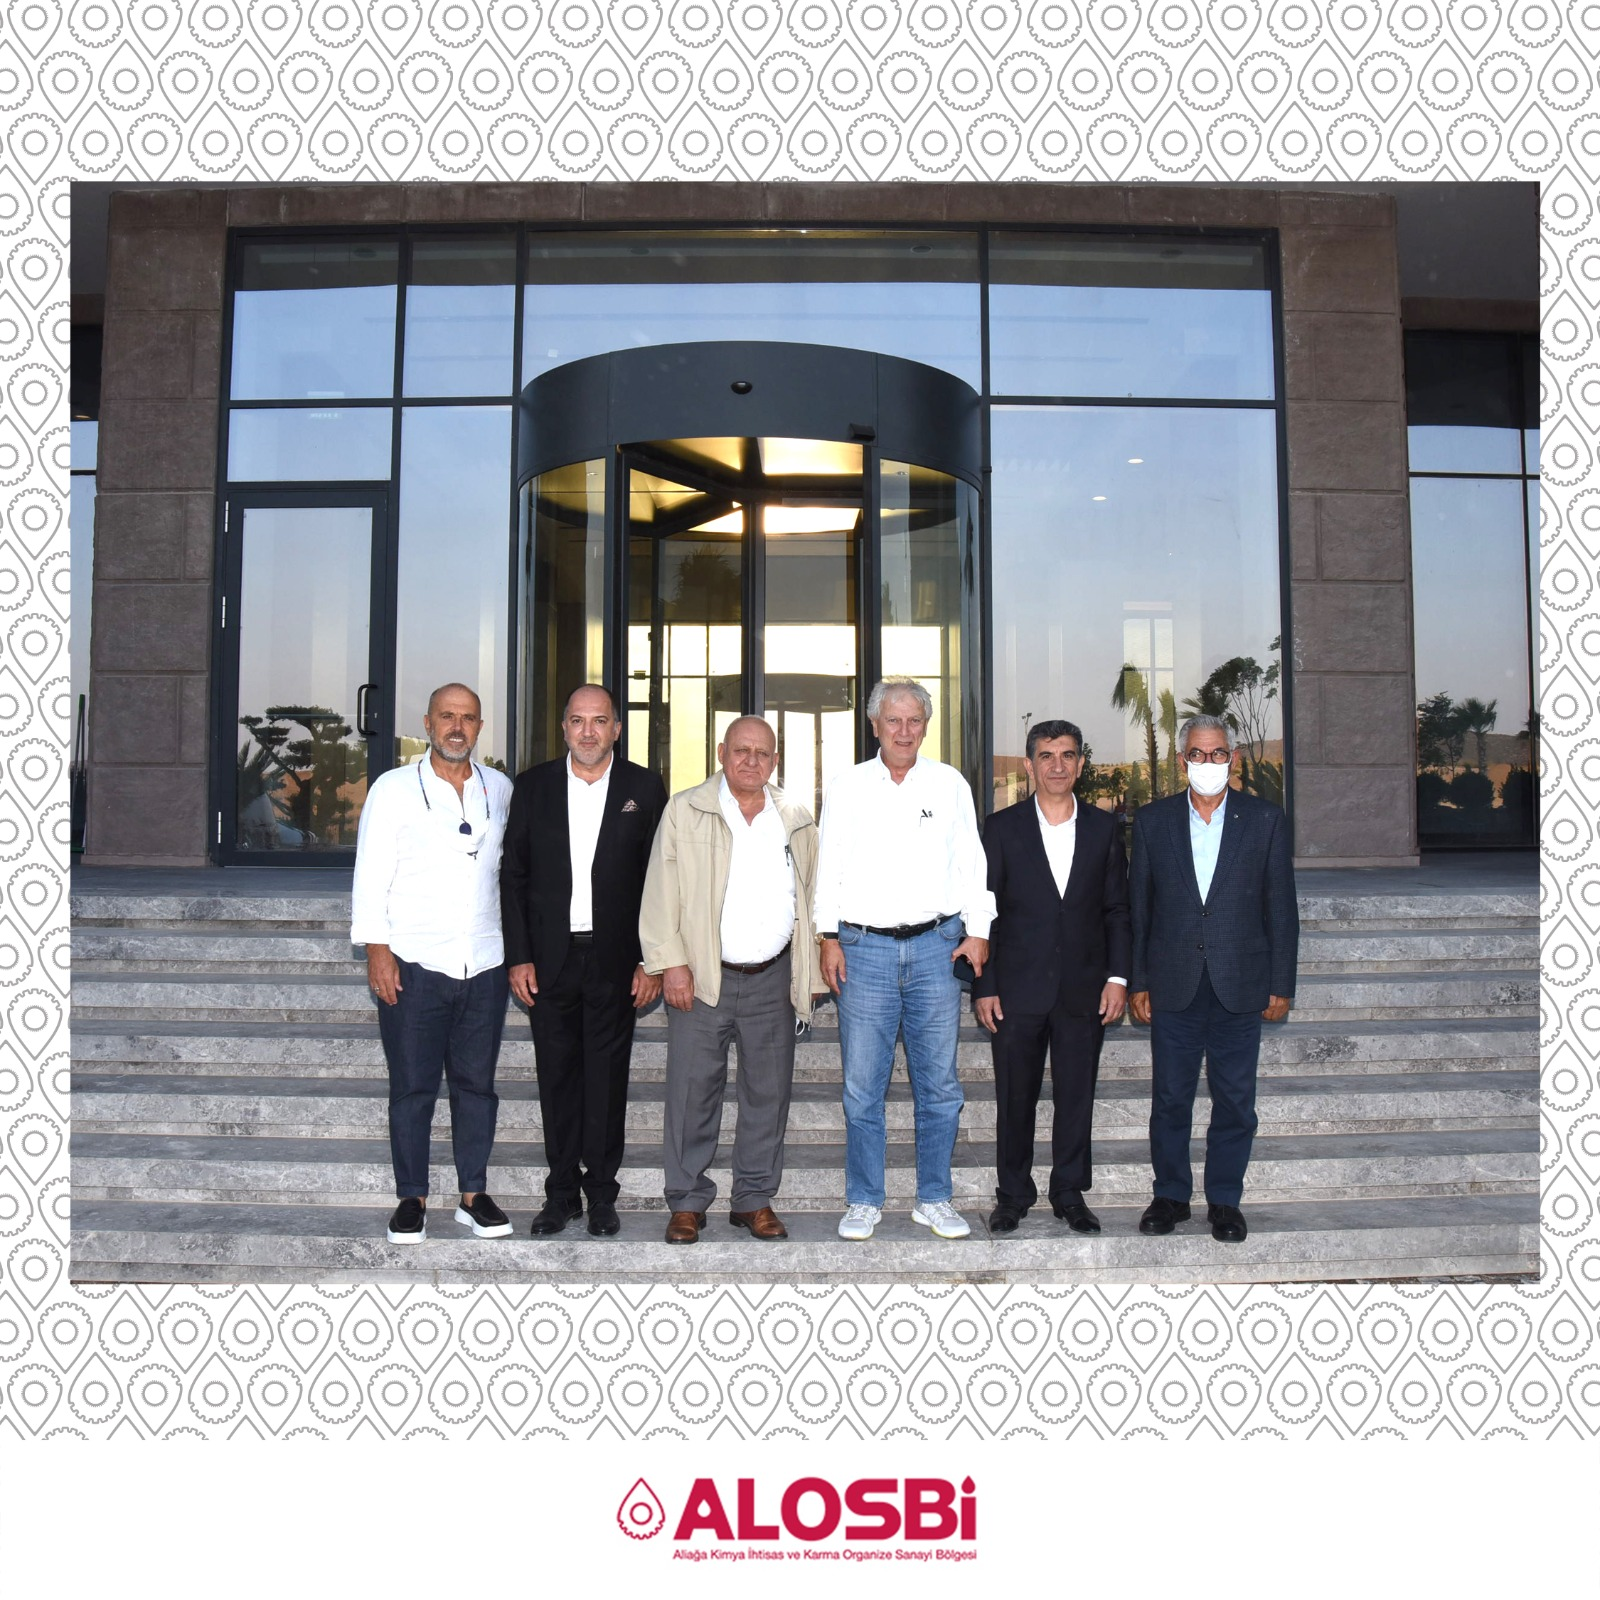 Ege Bölgesi Sanayi Odası (EBSO) Başkanımız Sayın Ender Yorgancılar Bölgemizi ziyaret